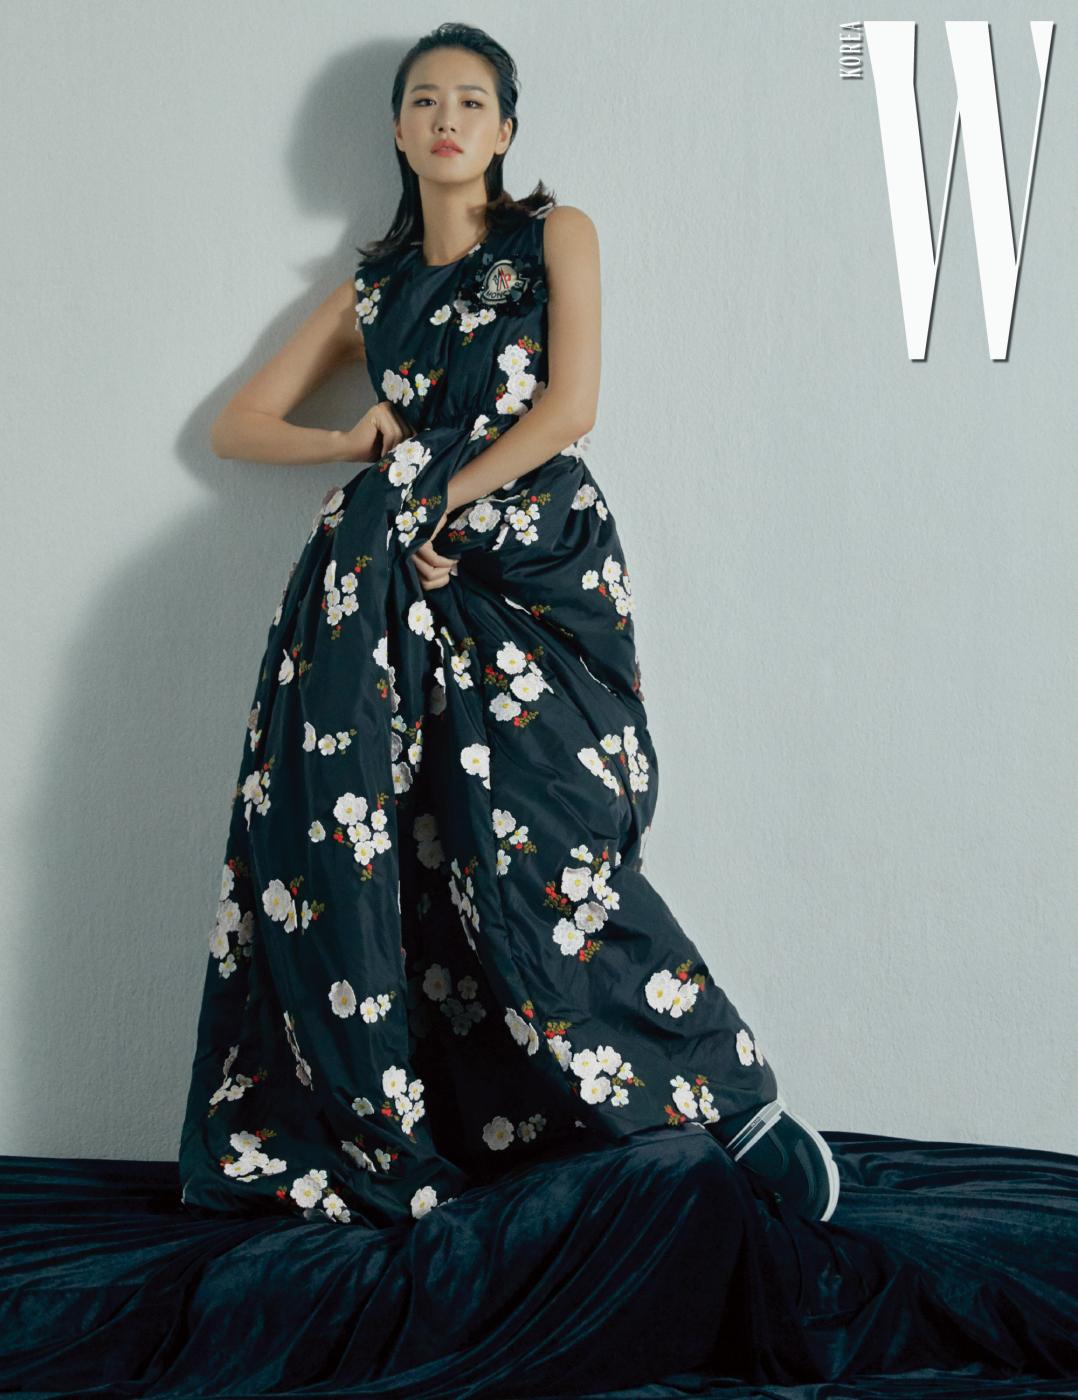 꽃 장식 슬리브리스 드레스는 4 몽클레르 시몬 로샤, 검정 운동화는 프라다 제품.